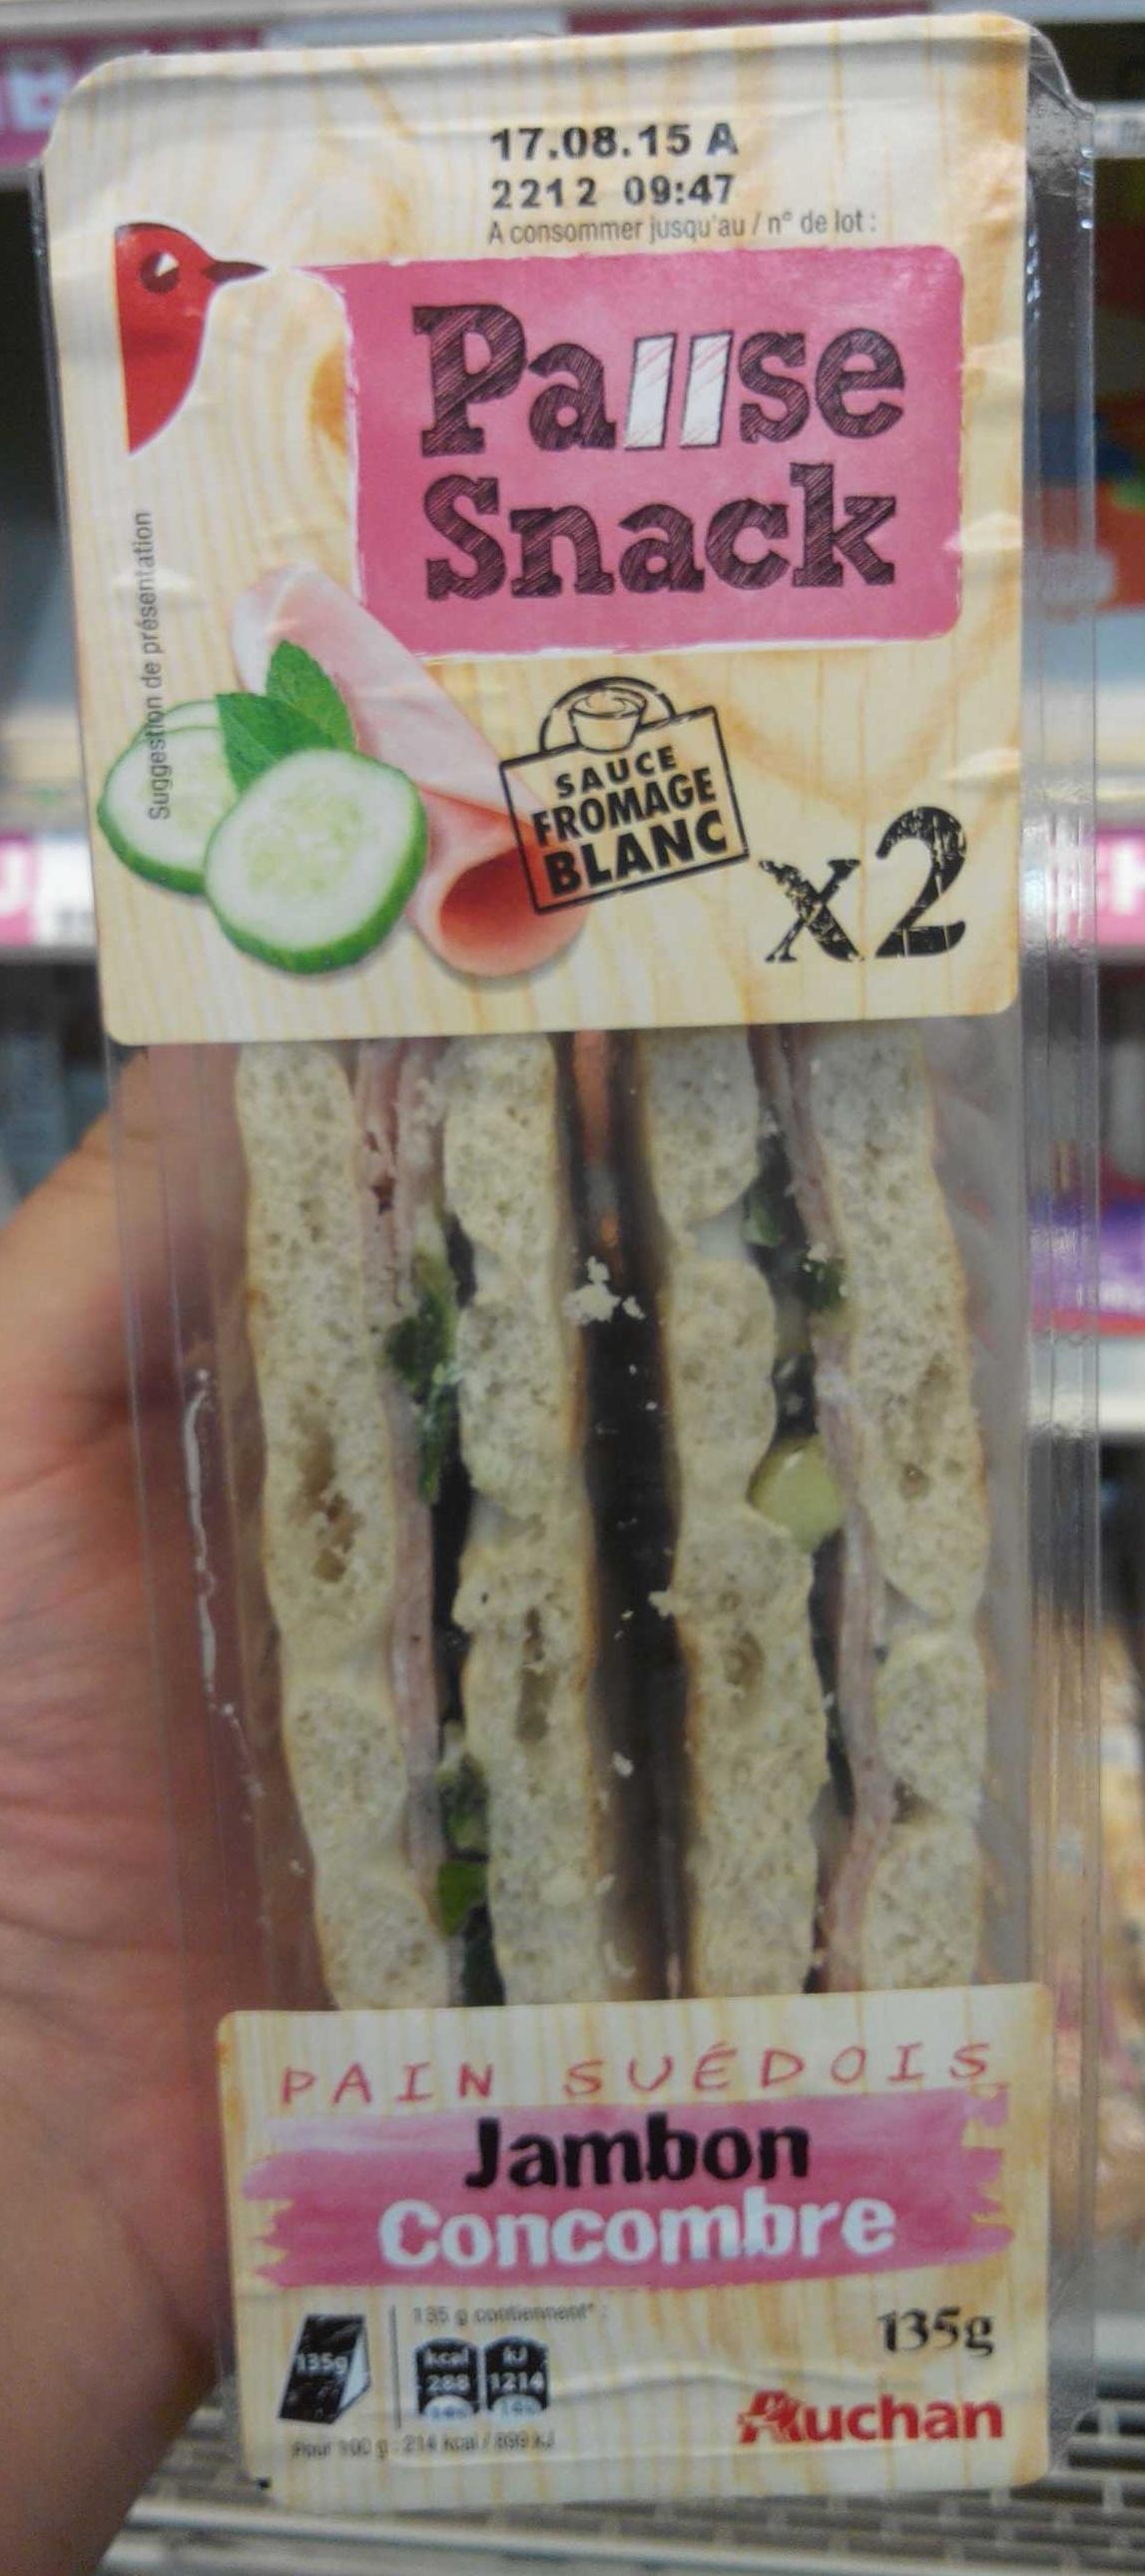 Pause Snack Jambon Concombre - Produit